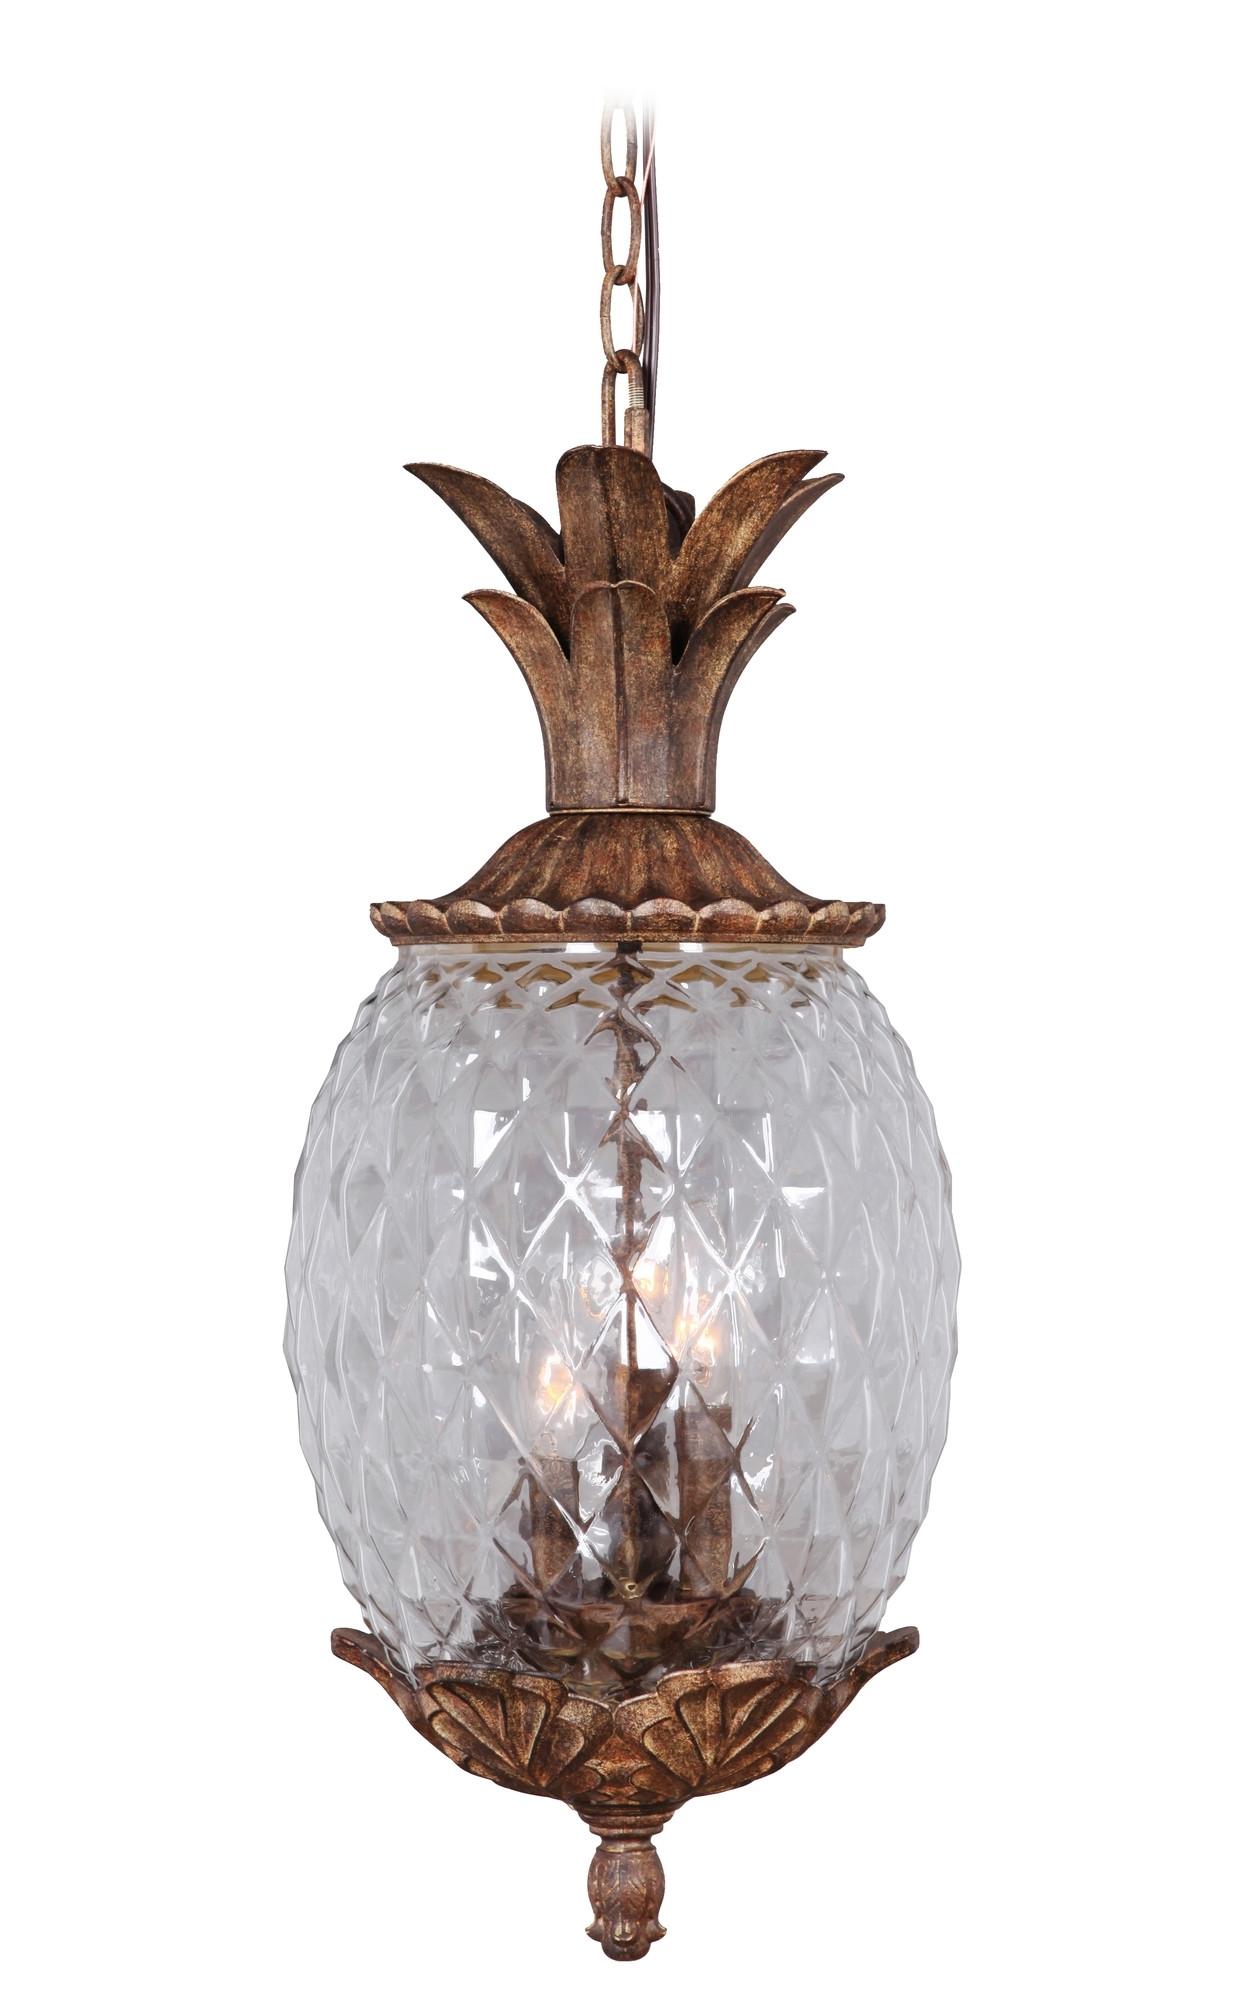 Marianahome Pineapple 3 Light Pendant & Reviews | Wayfair | Lighting Inside Garden Porch Light Fixtures At Wayfair (#7 of 15)